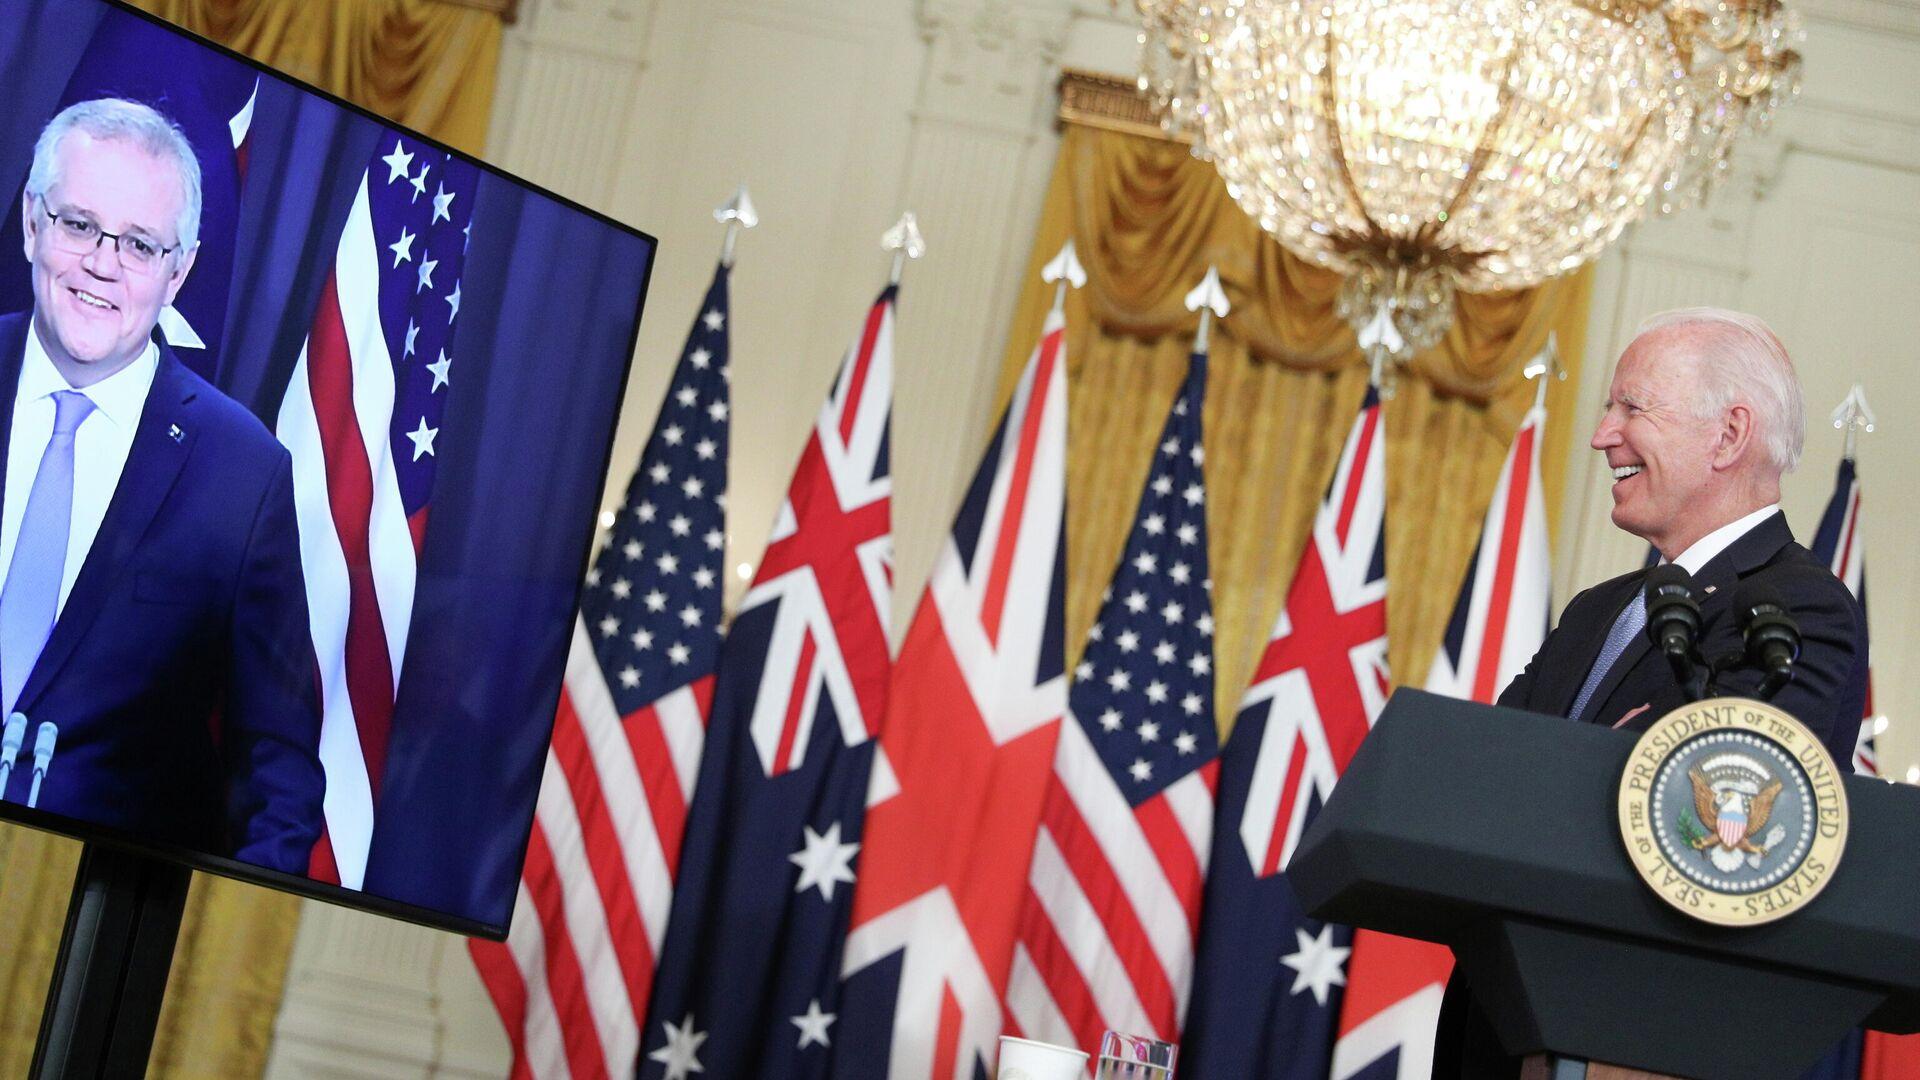 Президент США Джо Байден во время переговоров с премьер-министром Австралии Скоттом Моррисоном в Белом доме в Вашингтоне - РИА Новости, 1920, 21.09.2021